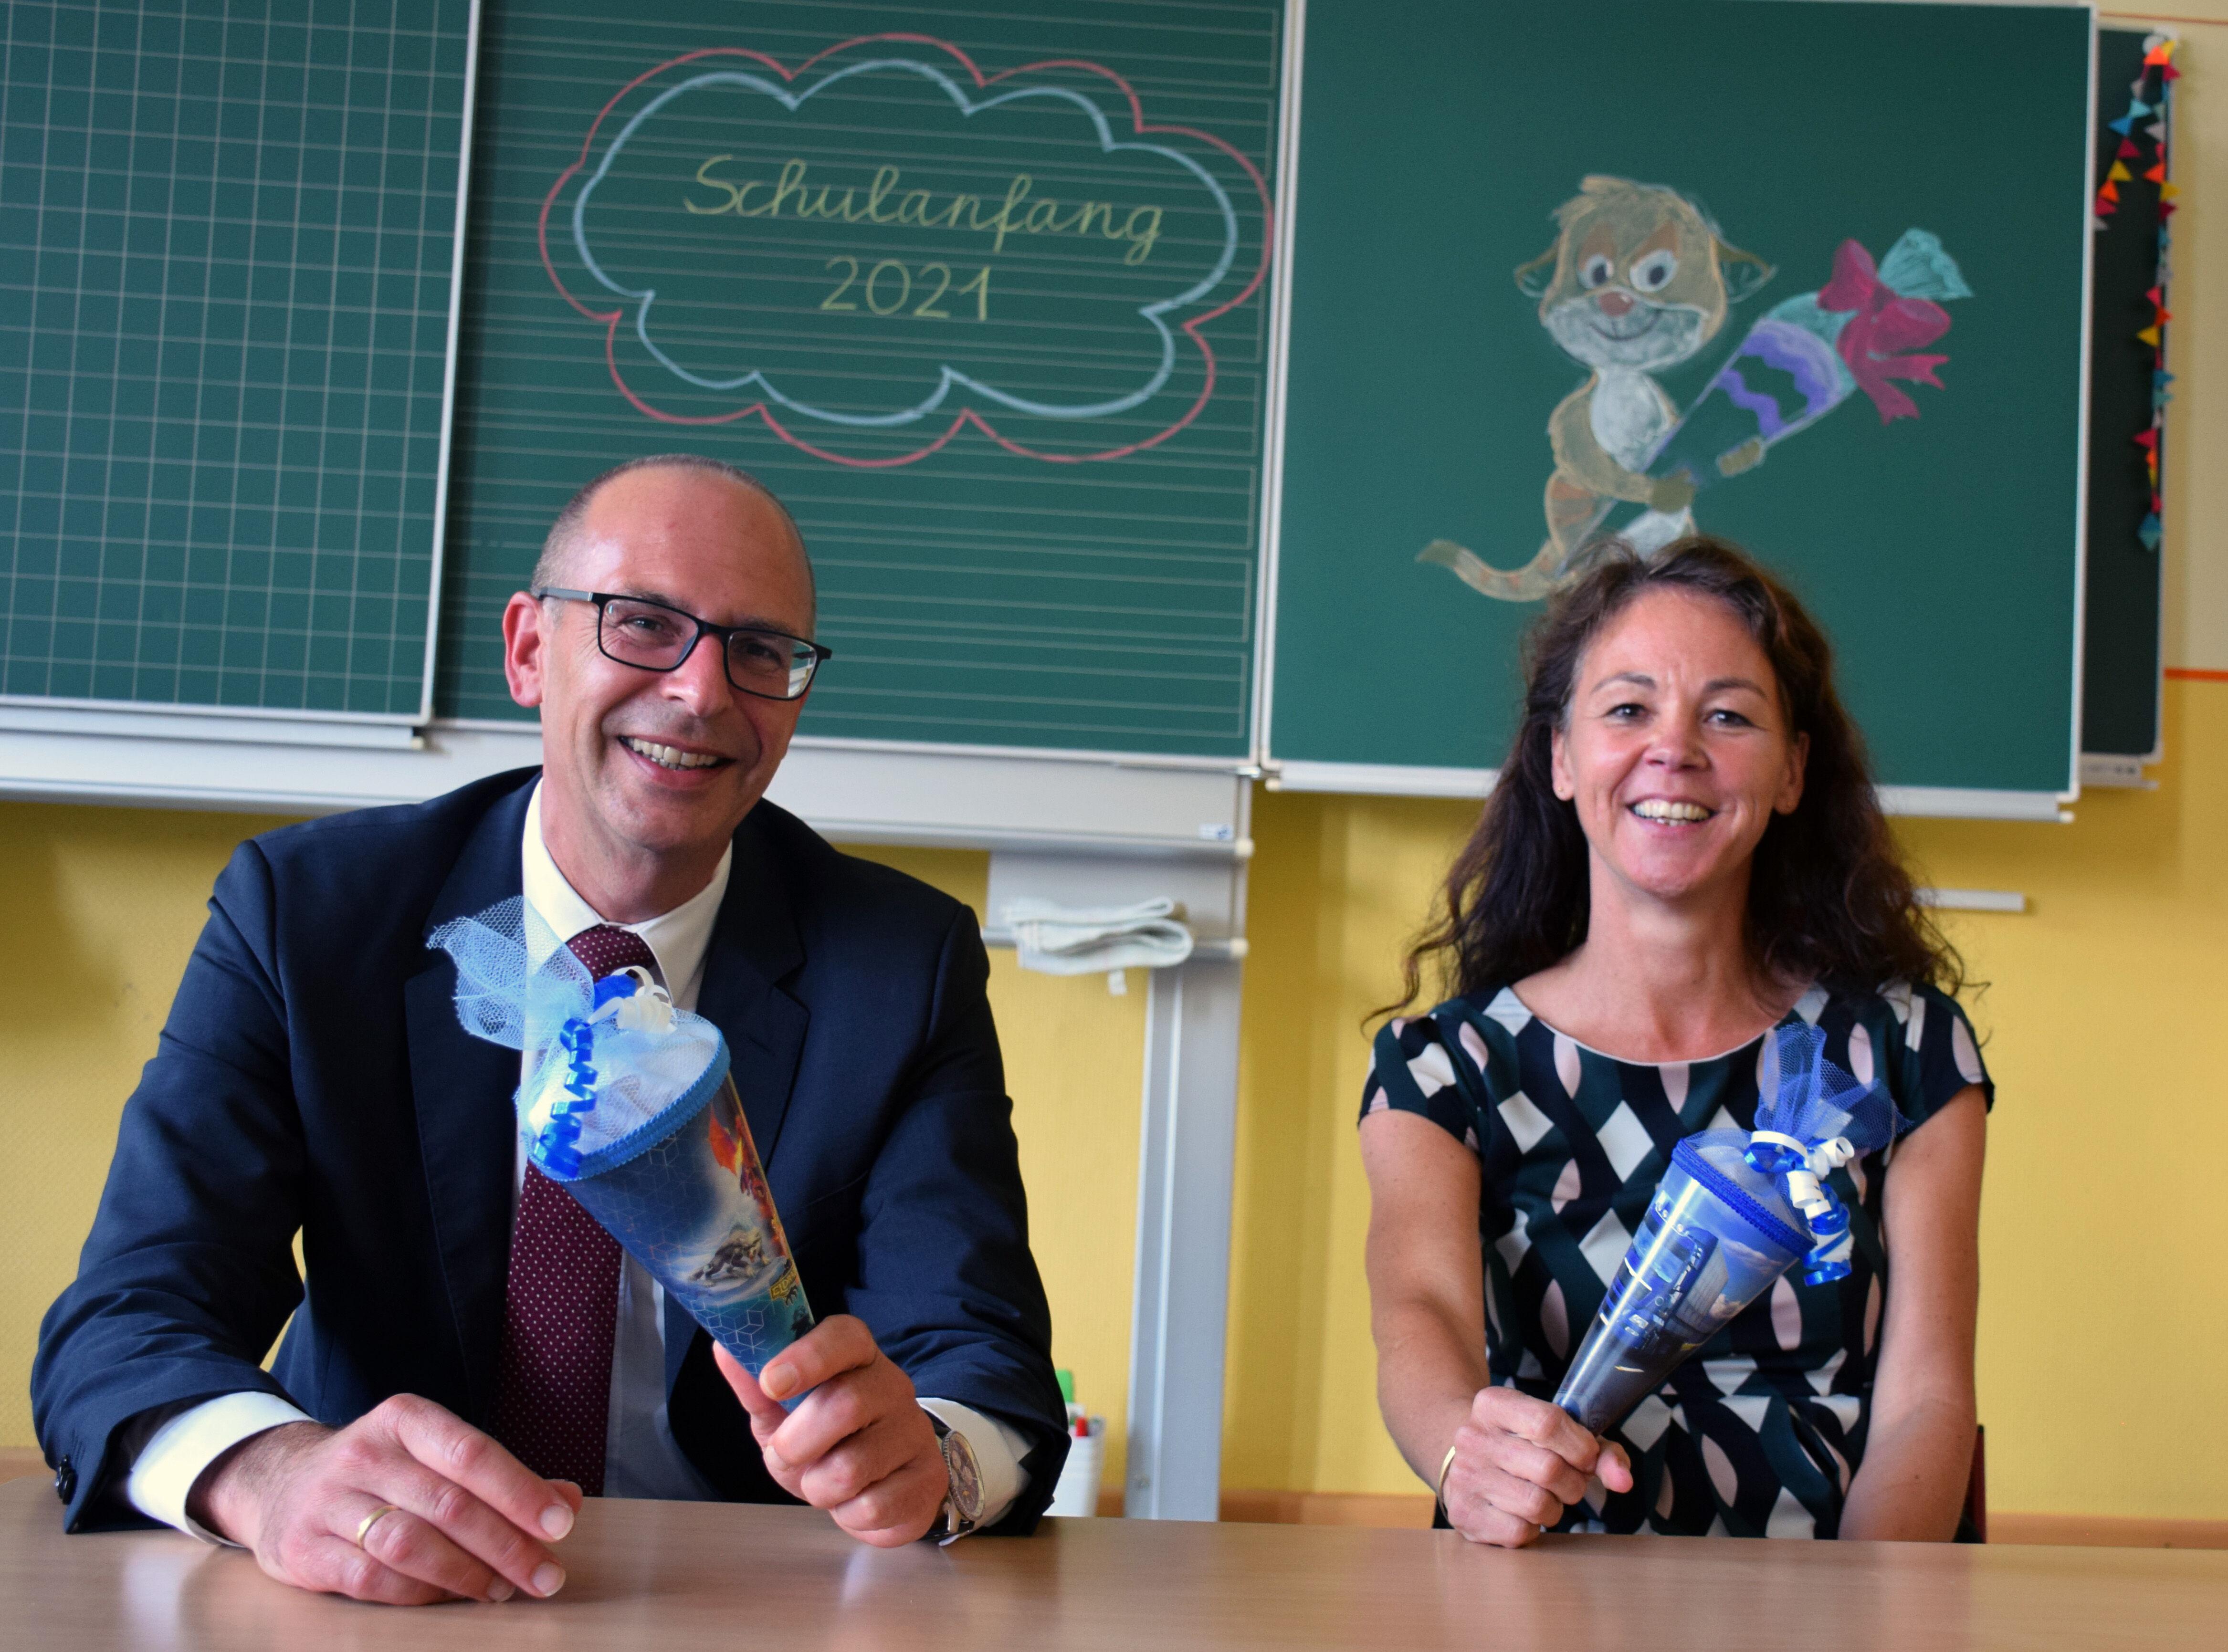 Landrat Christian Meißner und Schulamtsdirektorin Stefanie Mayr-Leidnecker haben zum Schulanfang Tipps. Foto: Landratsamt Lichtenfels/Heidi Bauer